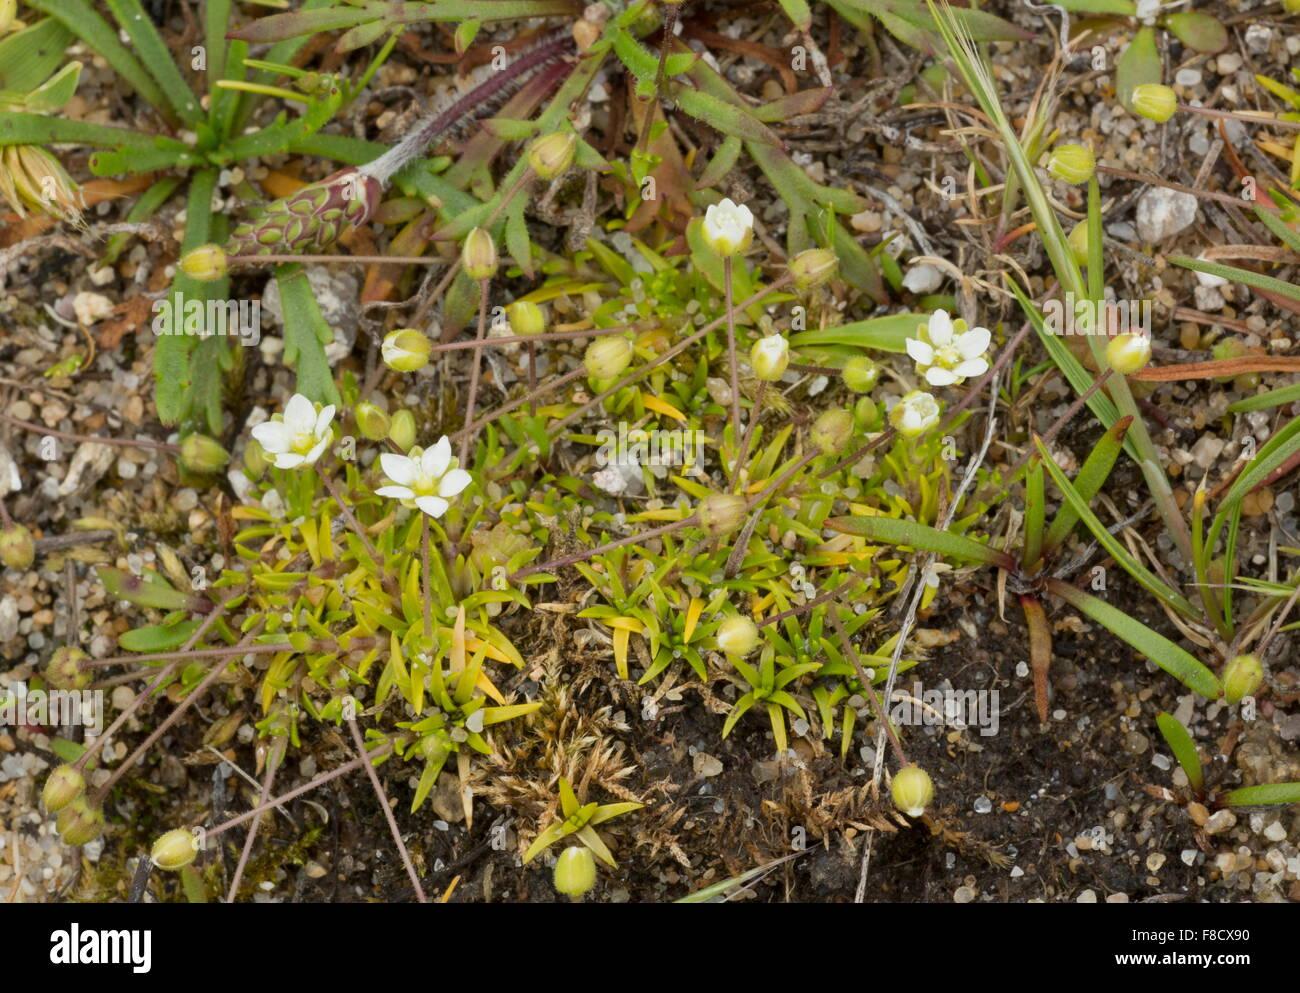 Heath Pearlwort, Sagina subulata, in flower on coastal heath, Brittany. - Stock Image